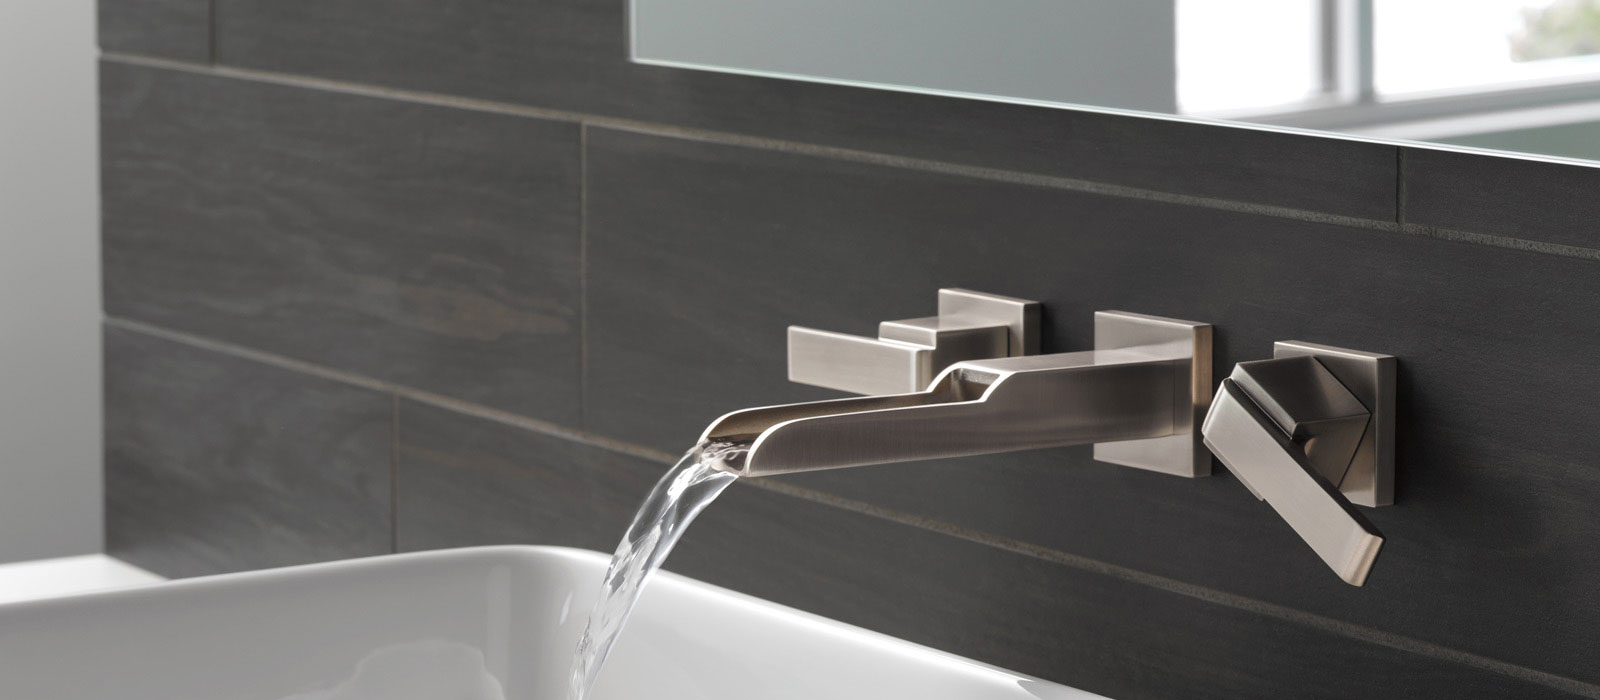 ara bathroom collection delta faucet